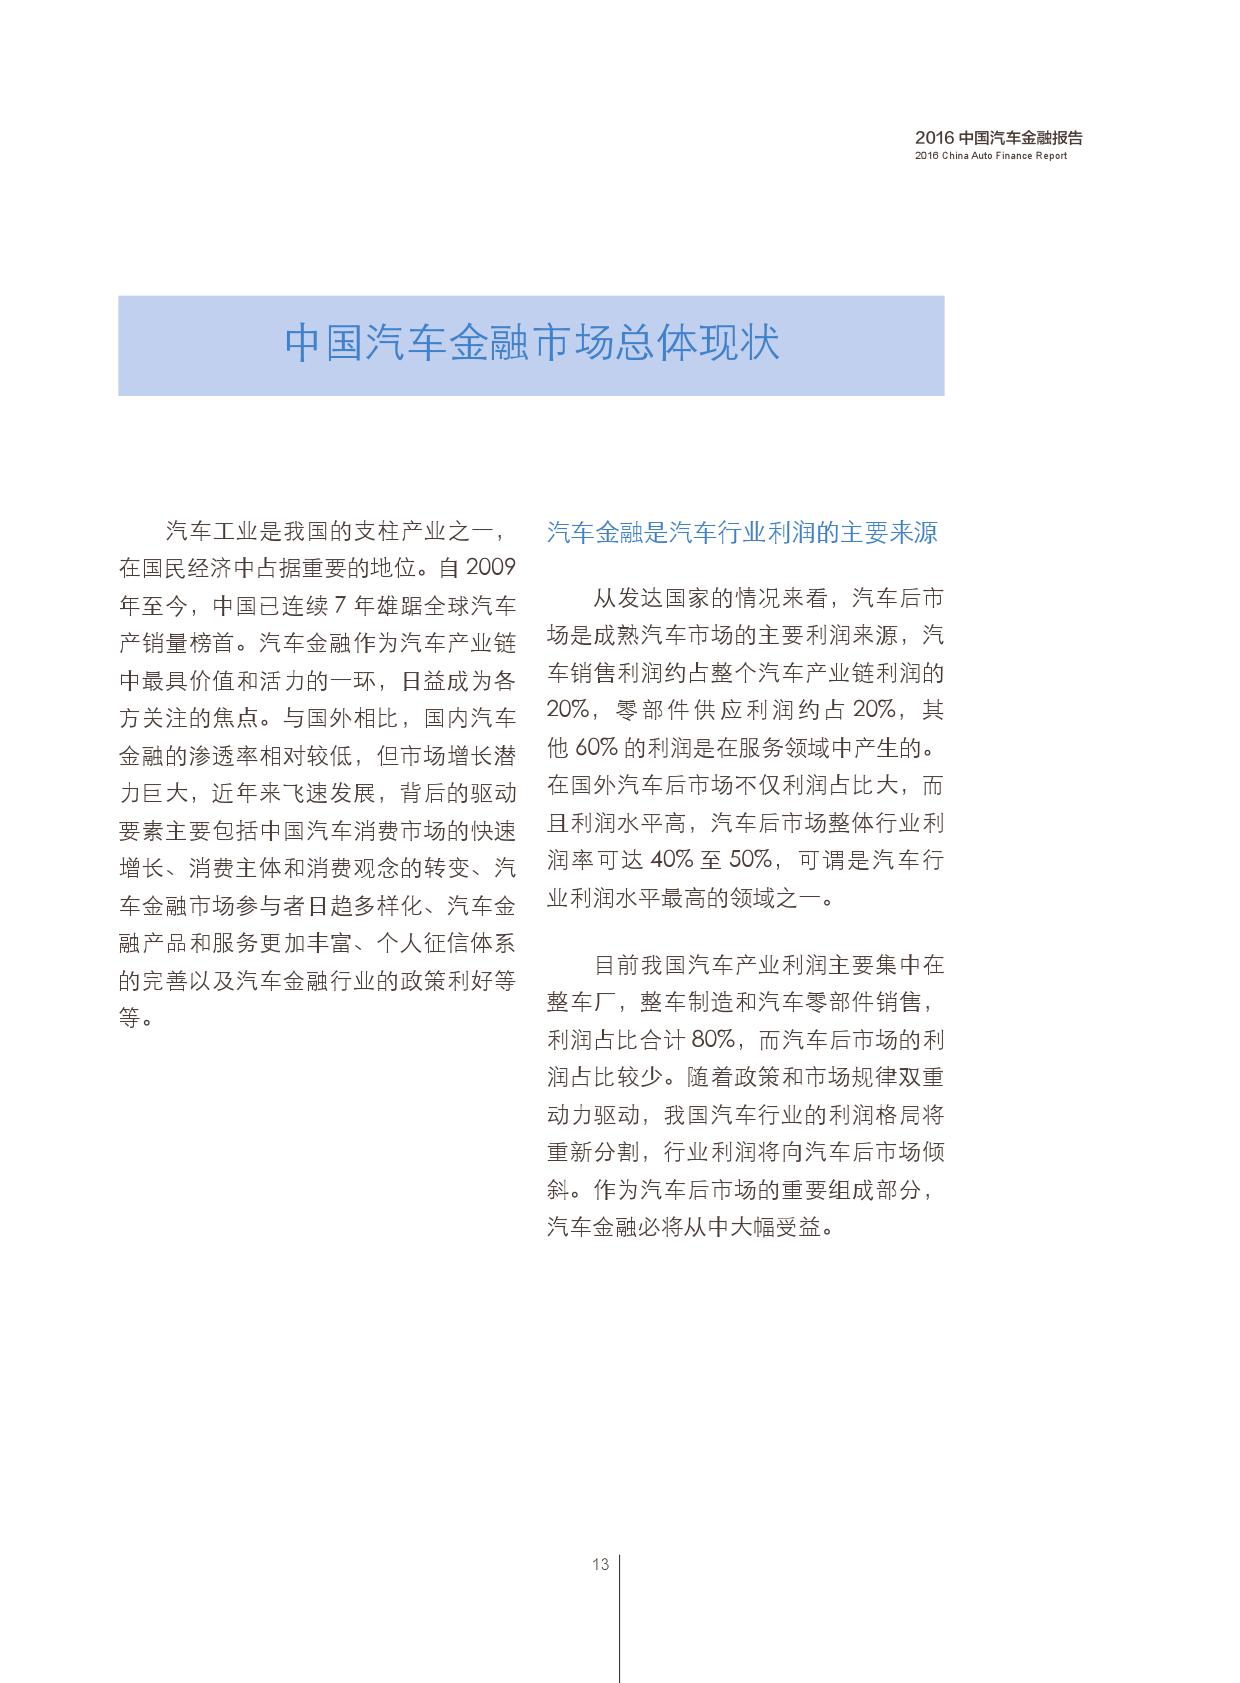 2016中国汽车金融报告_000014